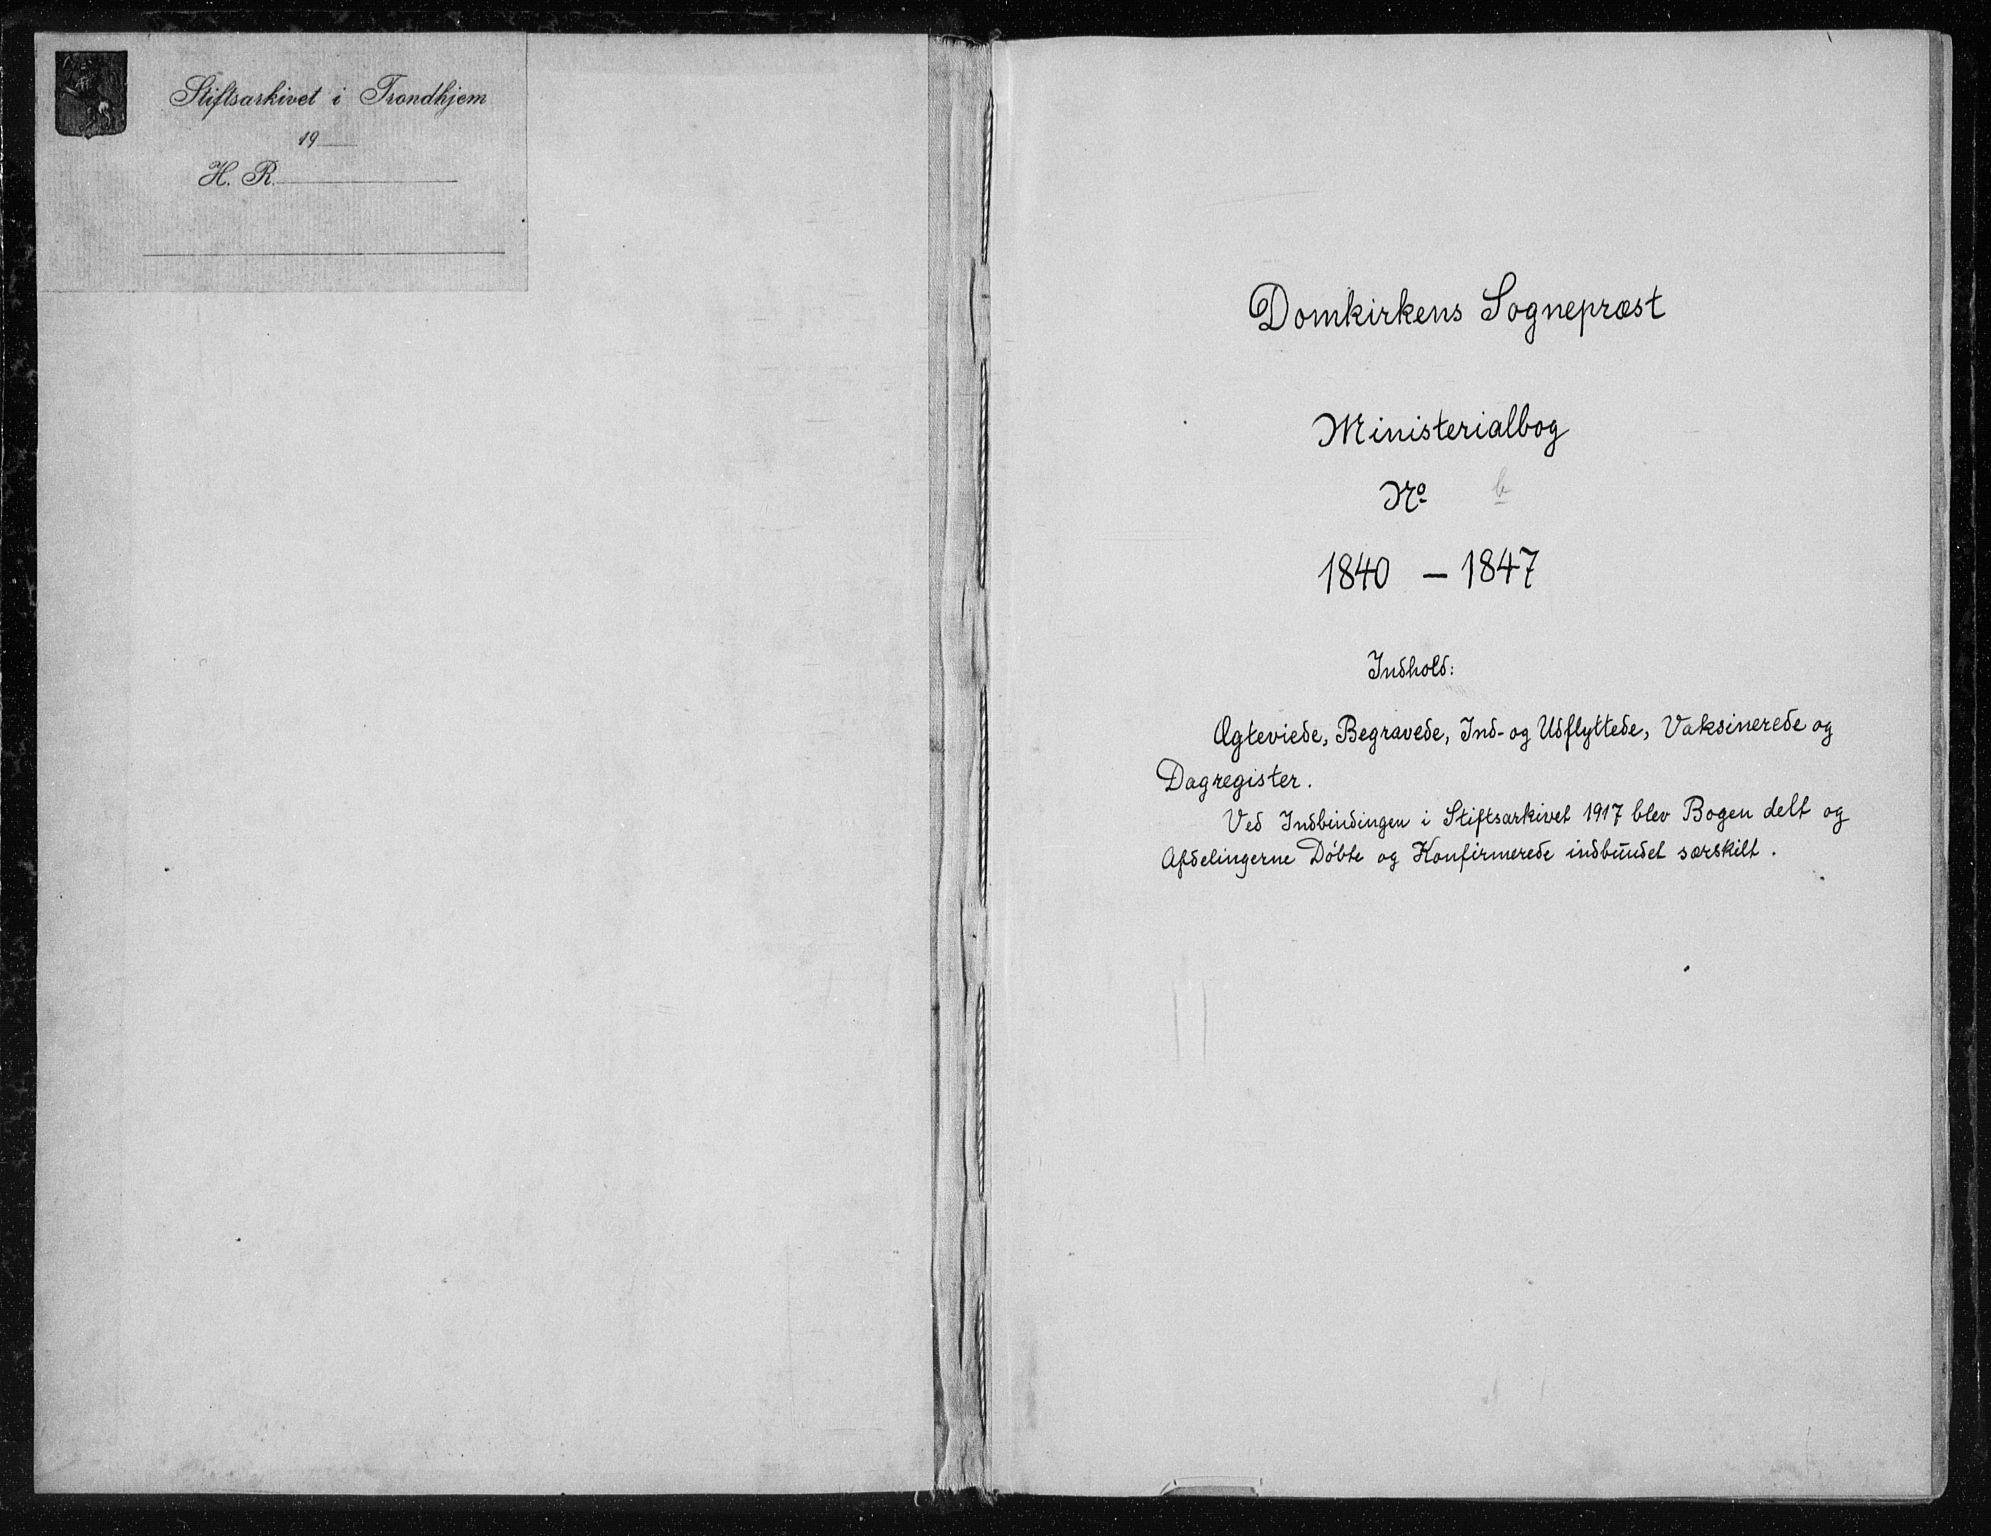 SAT, Ministerialprotokoller, klokkerbøker og fødselsregistre - Sør-Trøndelag, 601/L0049: Ministerialbok nr. 601A17, 1839-1847